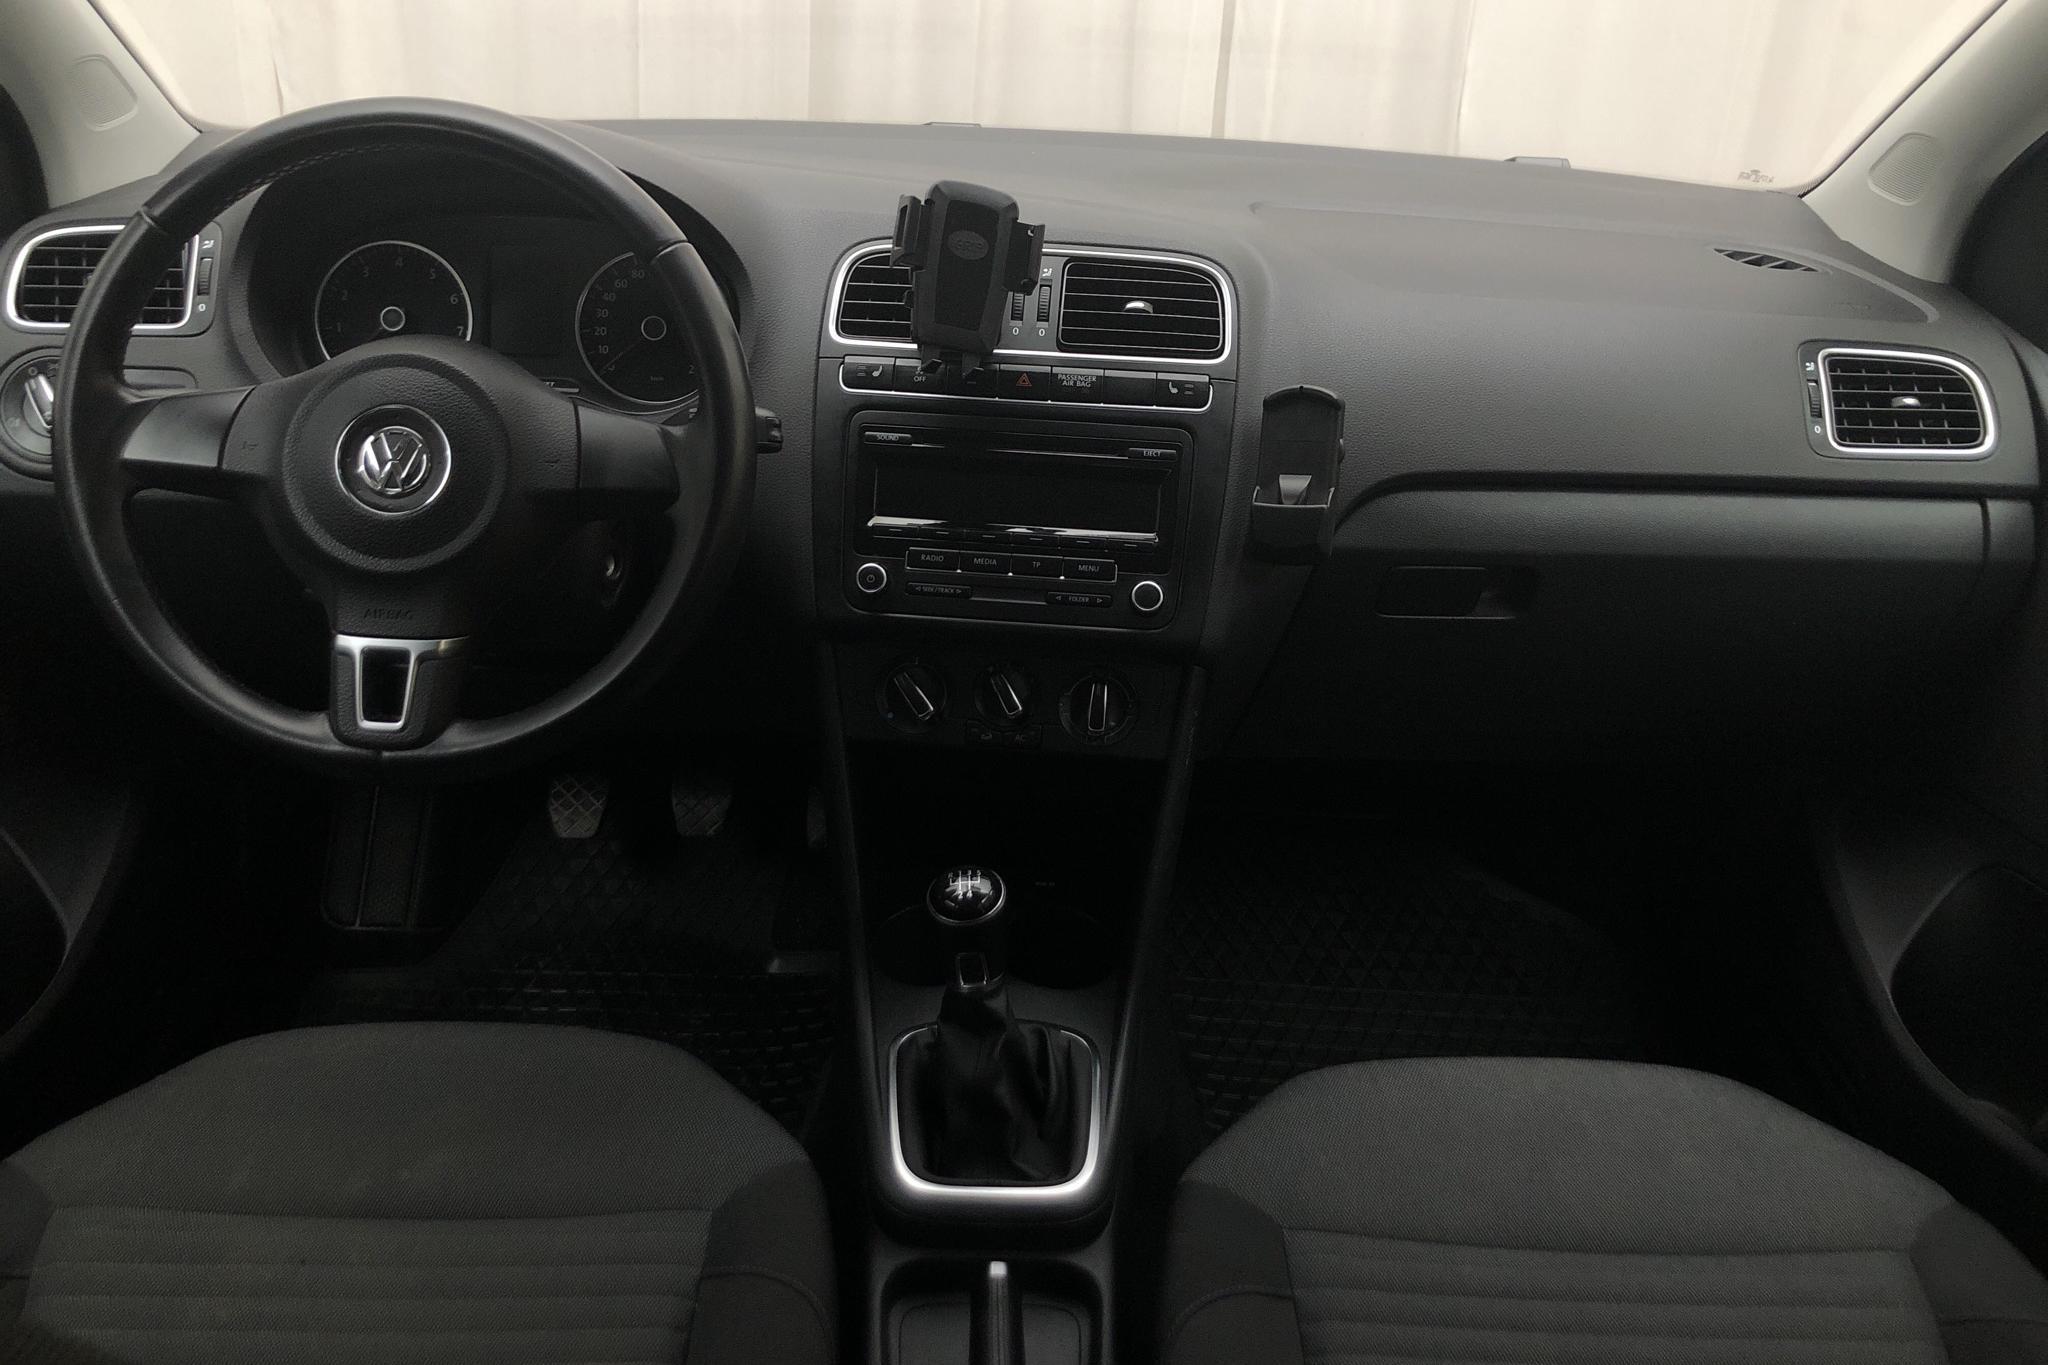 VW Polo 1.4 5dr (85hk) - 78 810 km - Manual - white - 2014